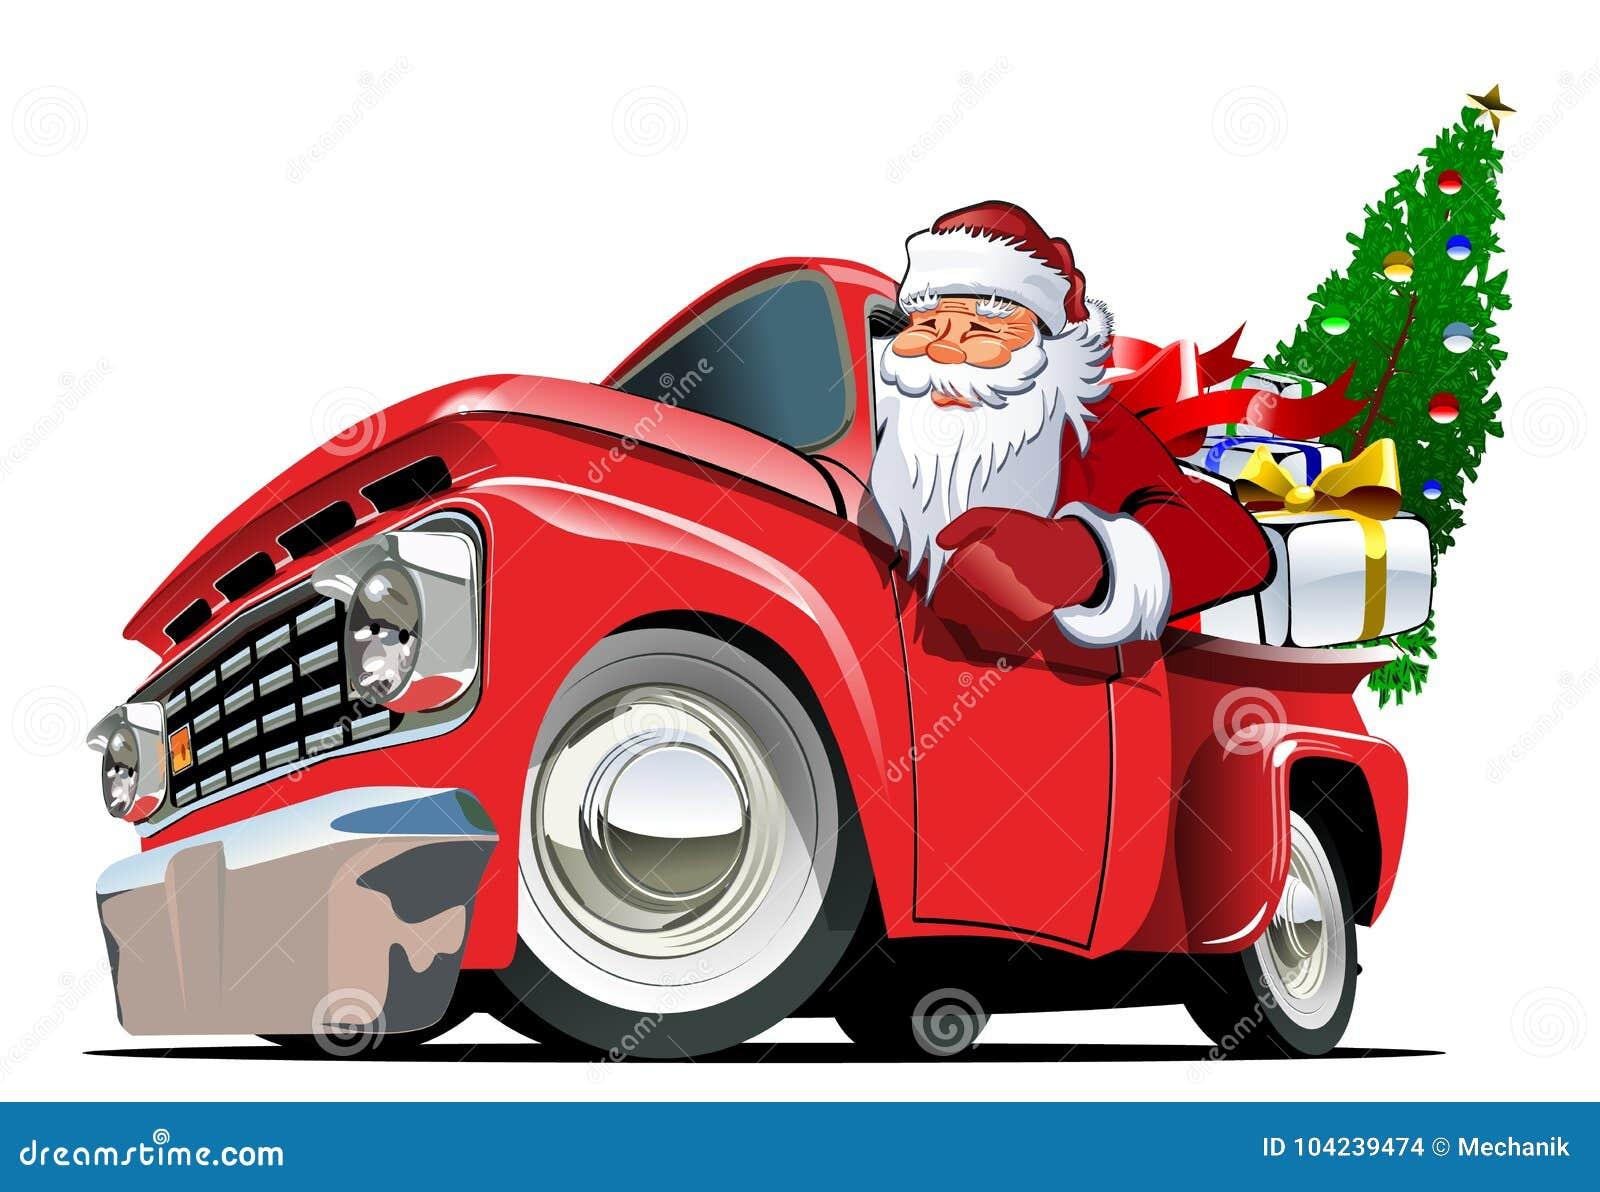 Karikatur-Retro- Weihnachtsaufnahme Vektor Abbildung - Illustration ...